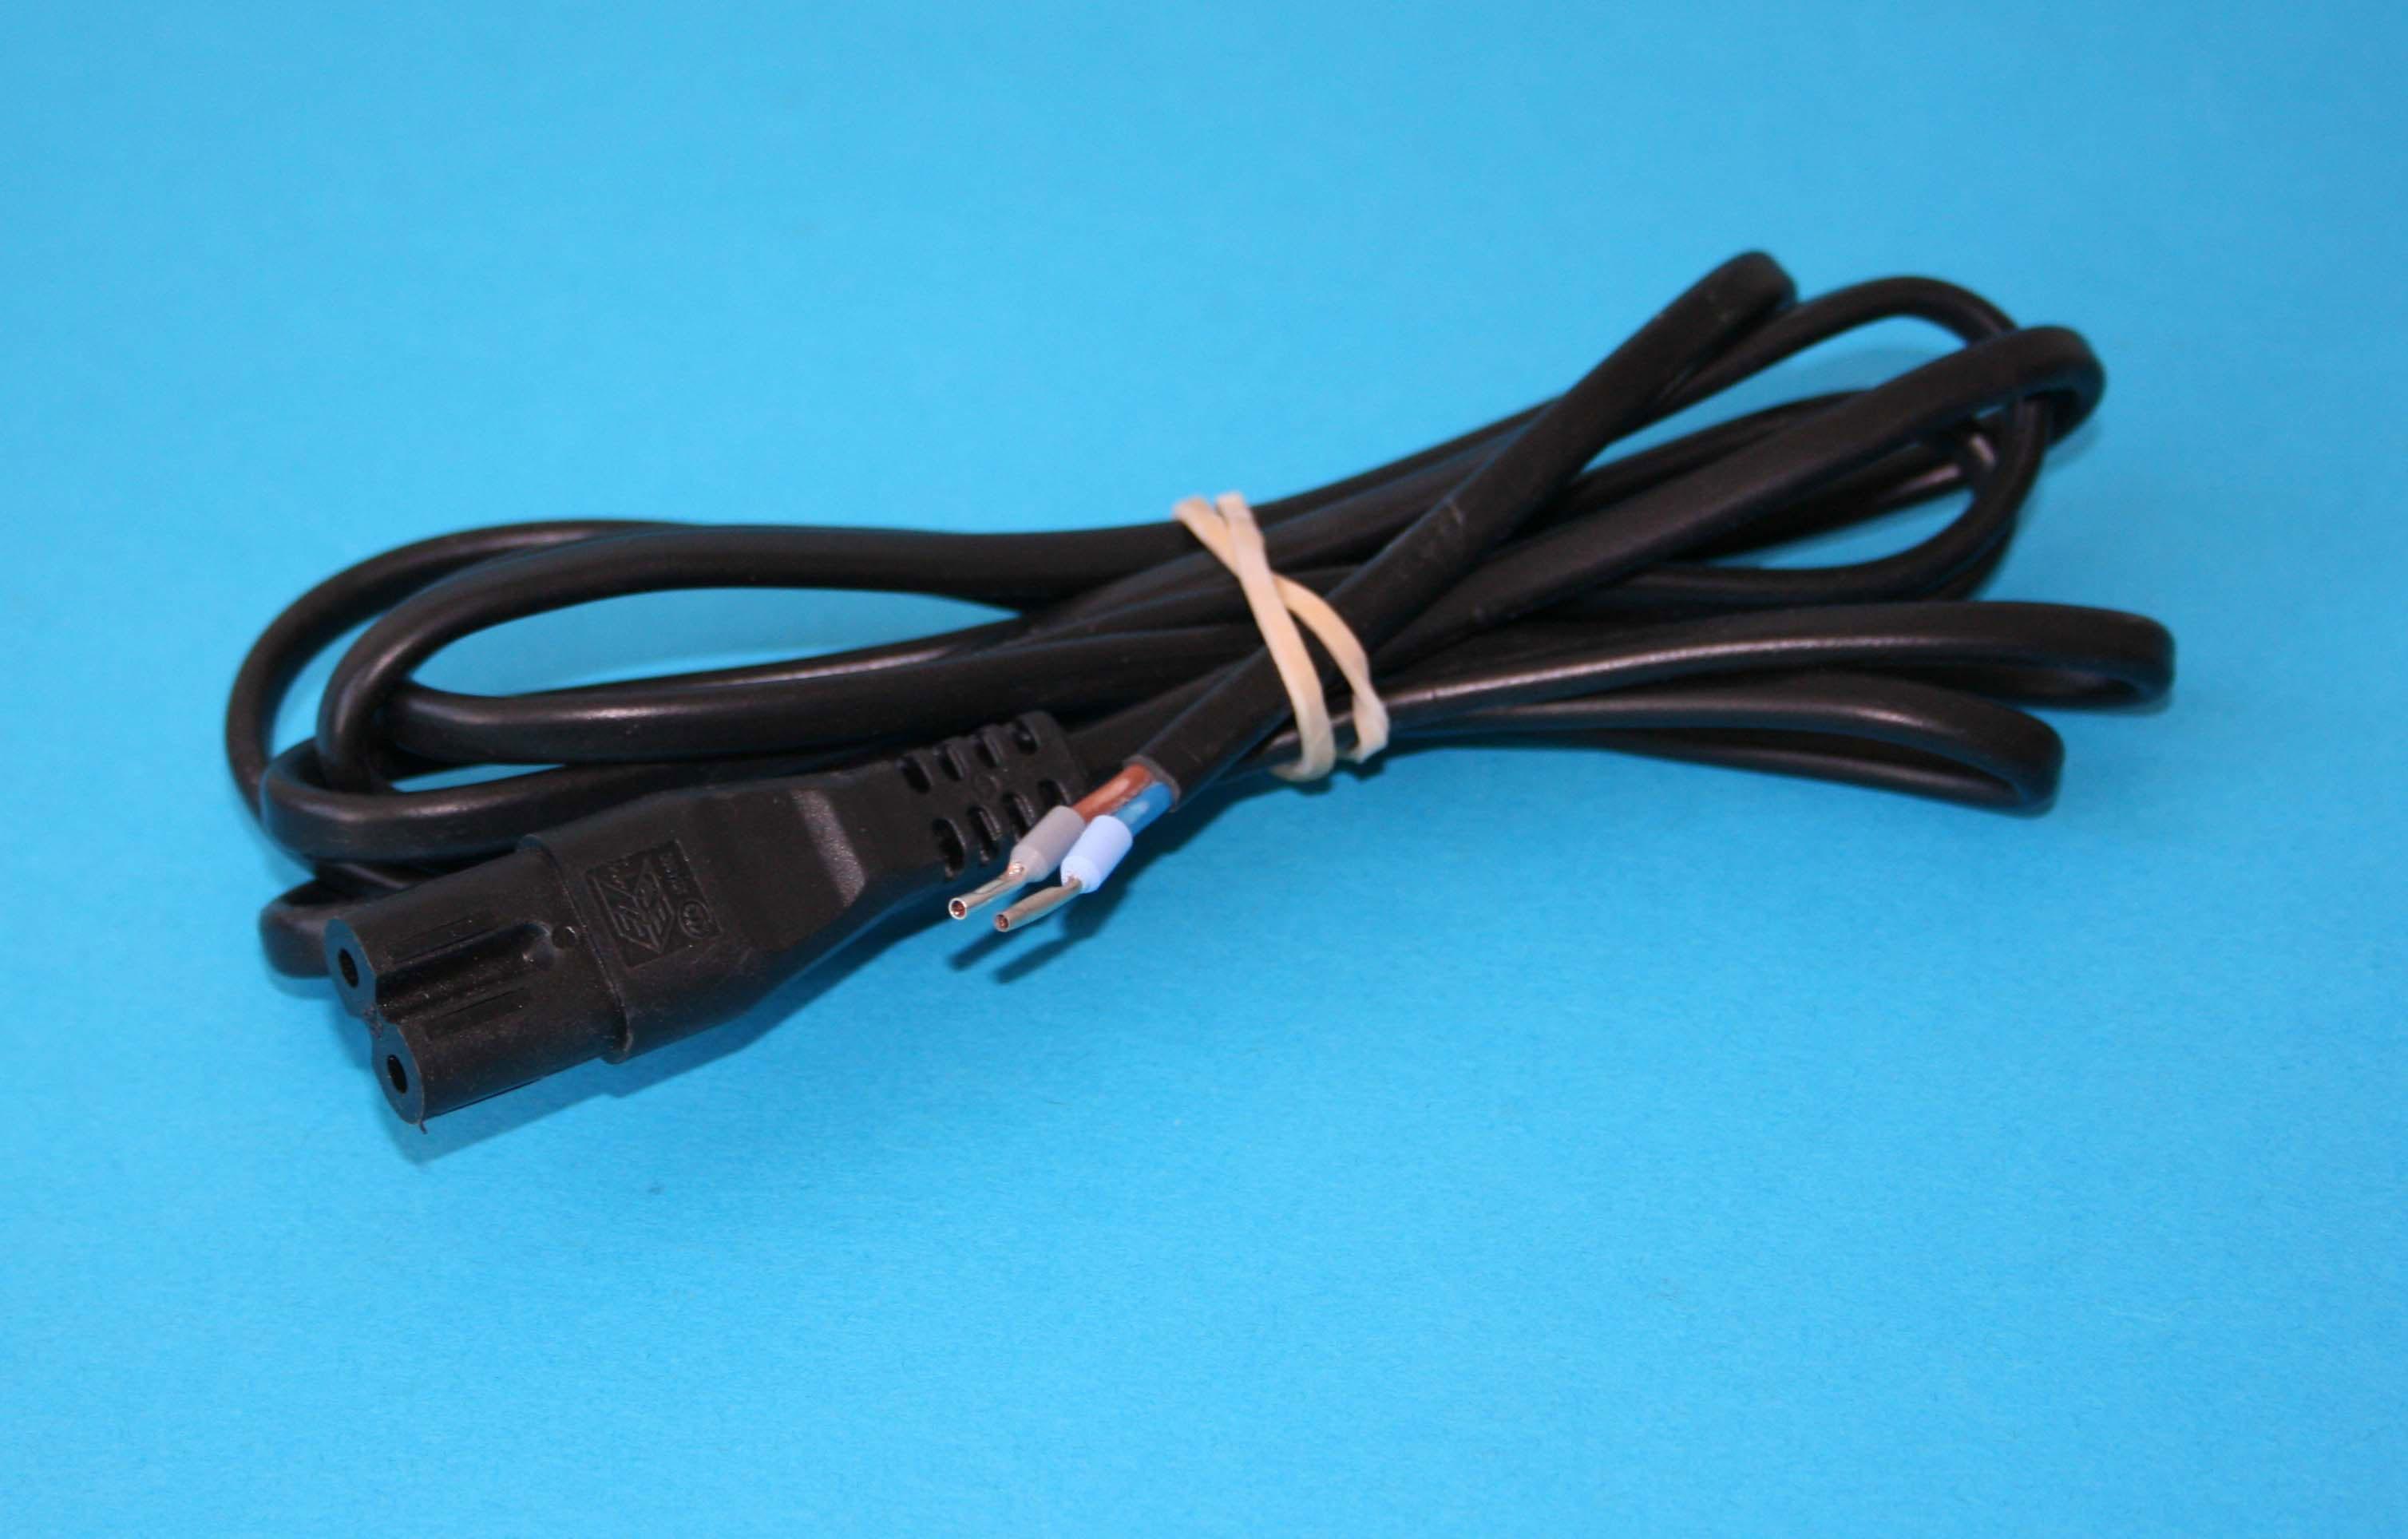 Anschlusskabel 1,5 m für Signalausgang Luftdruckwächter P4 Bild 1